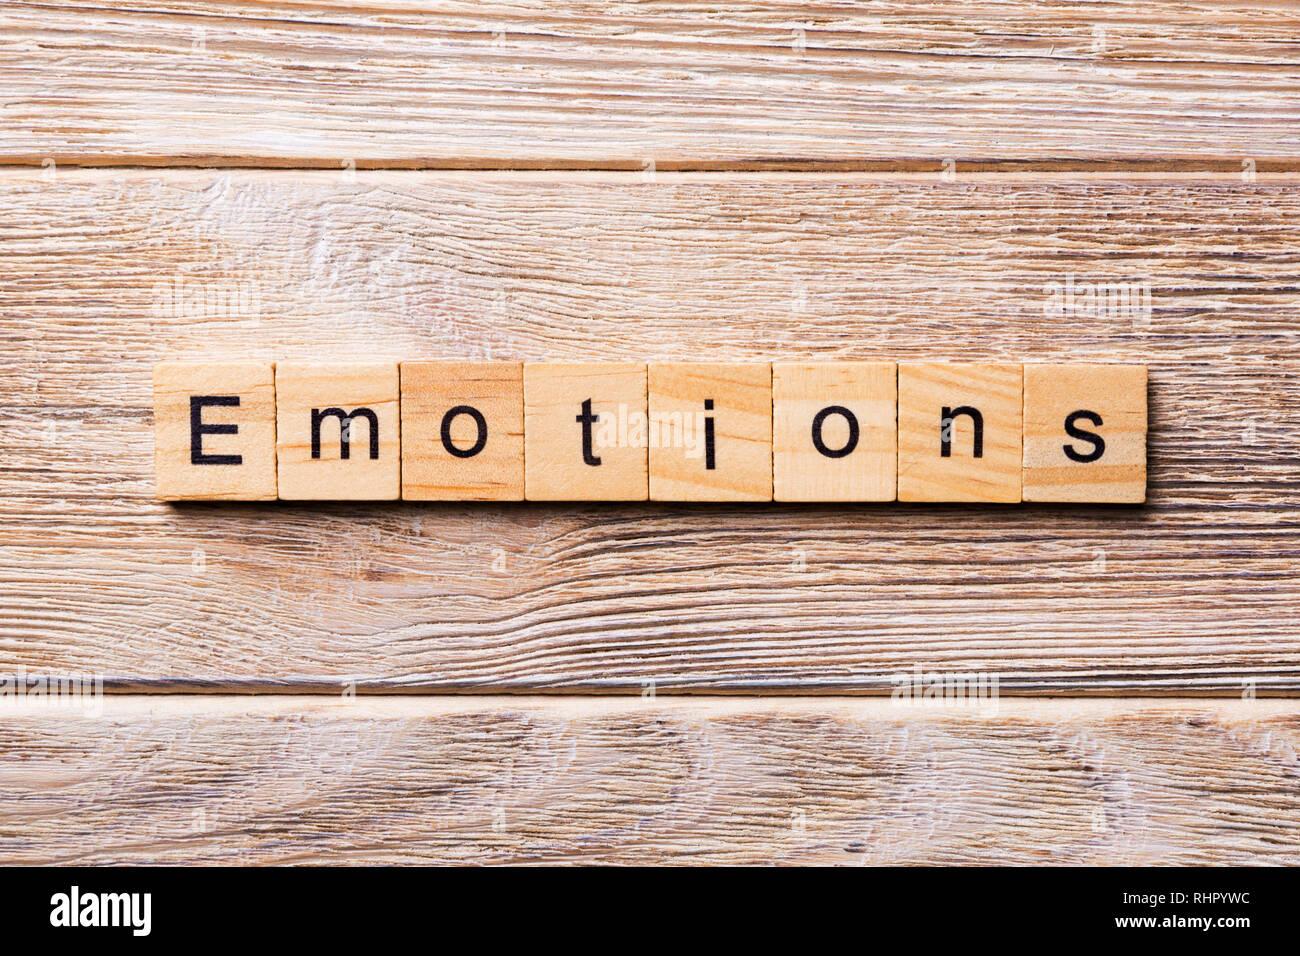 Emozioni parola scritta sul blocco di legno. Emozioni testo sul tavolo in legno per il desing, concetto. Immagini Stock